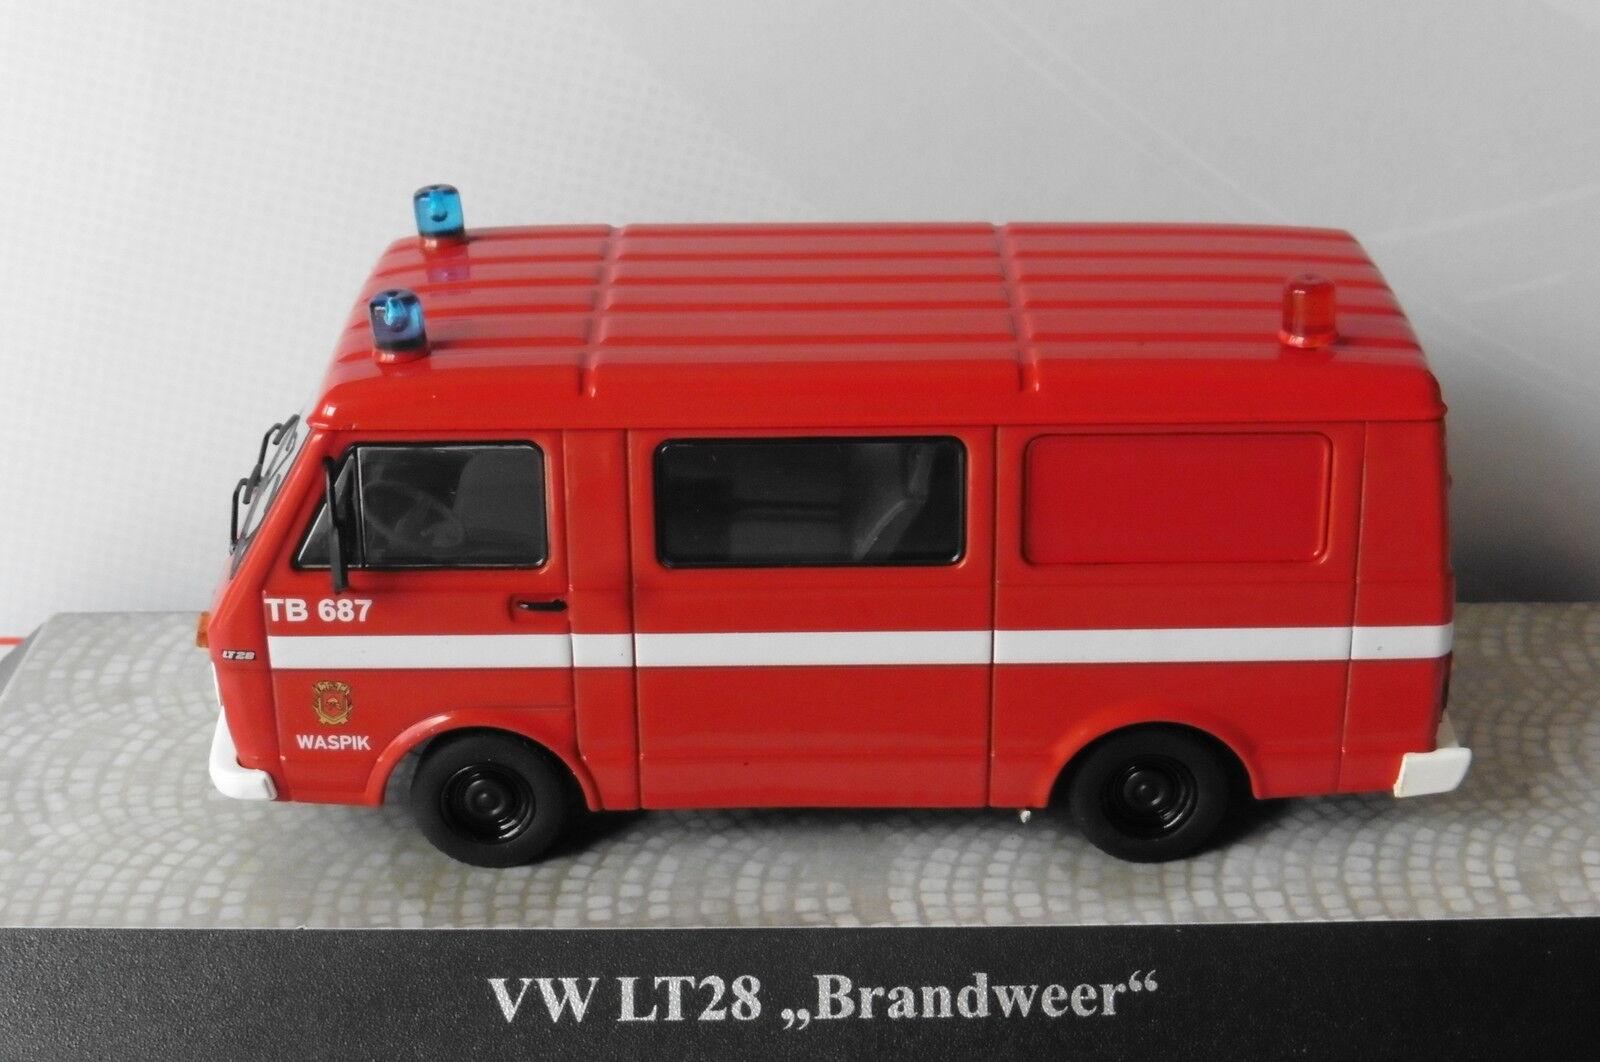 VW VOLKSWAGEN LT28 BUS BRANDWEER WASPIK NL PREMIUM CLASSIXXS 13353  KOMBI